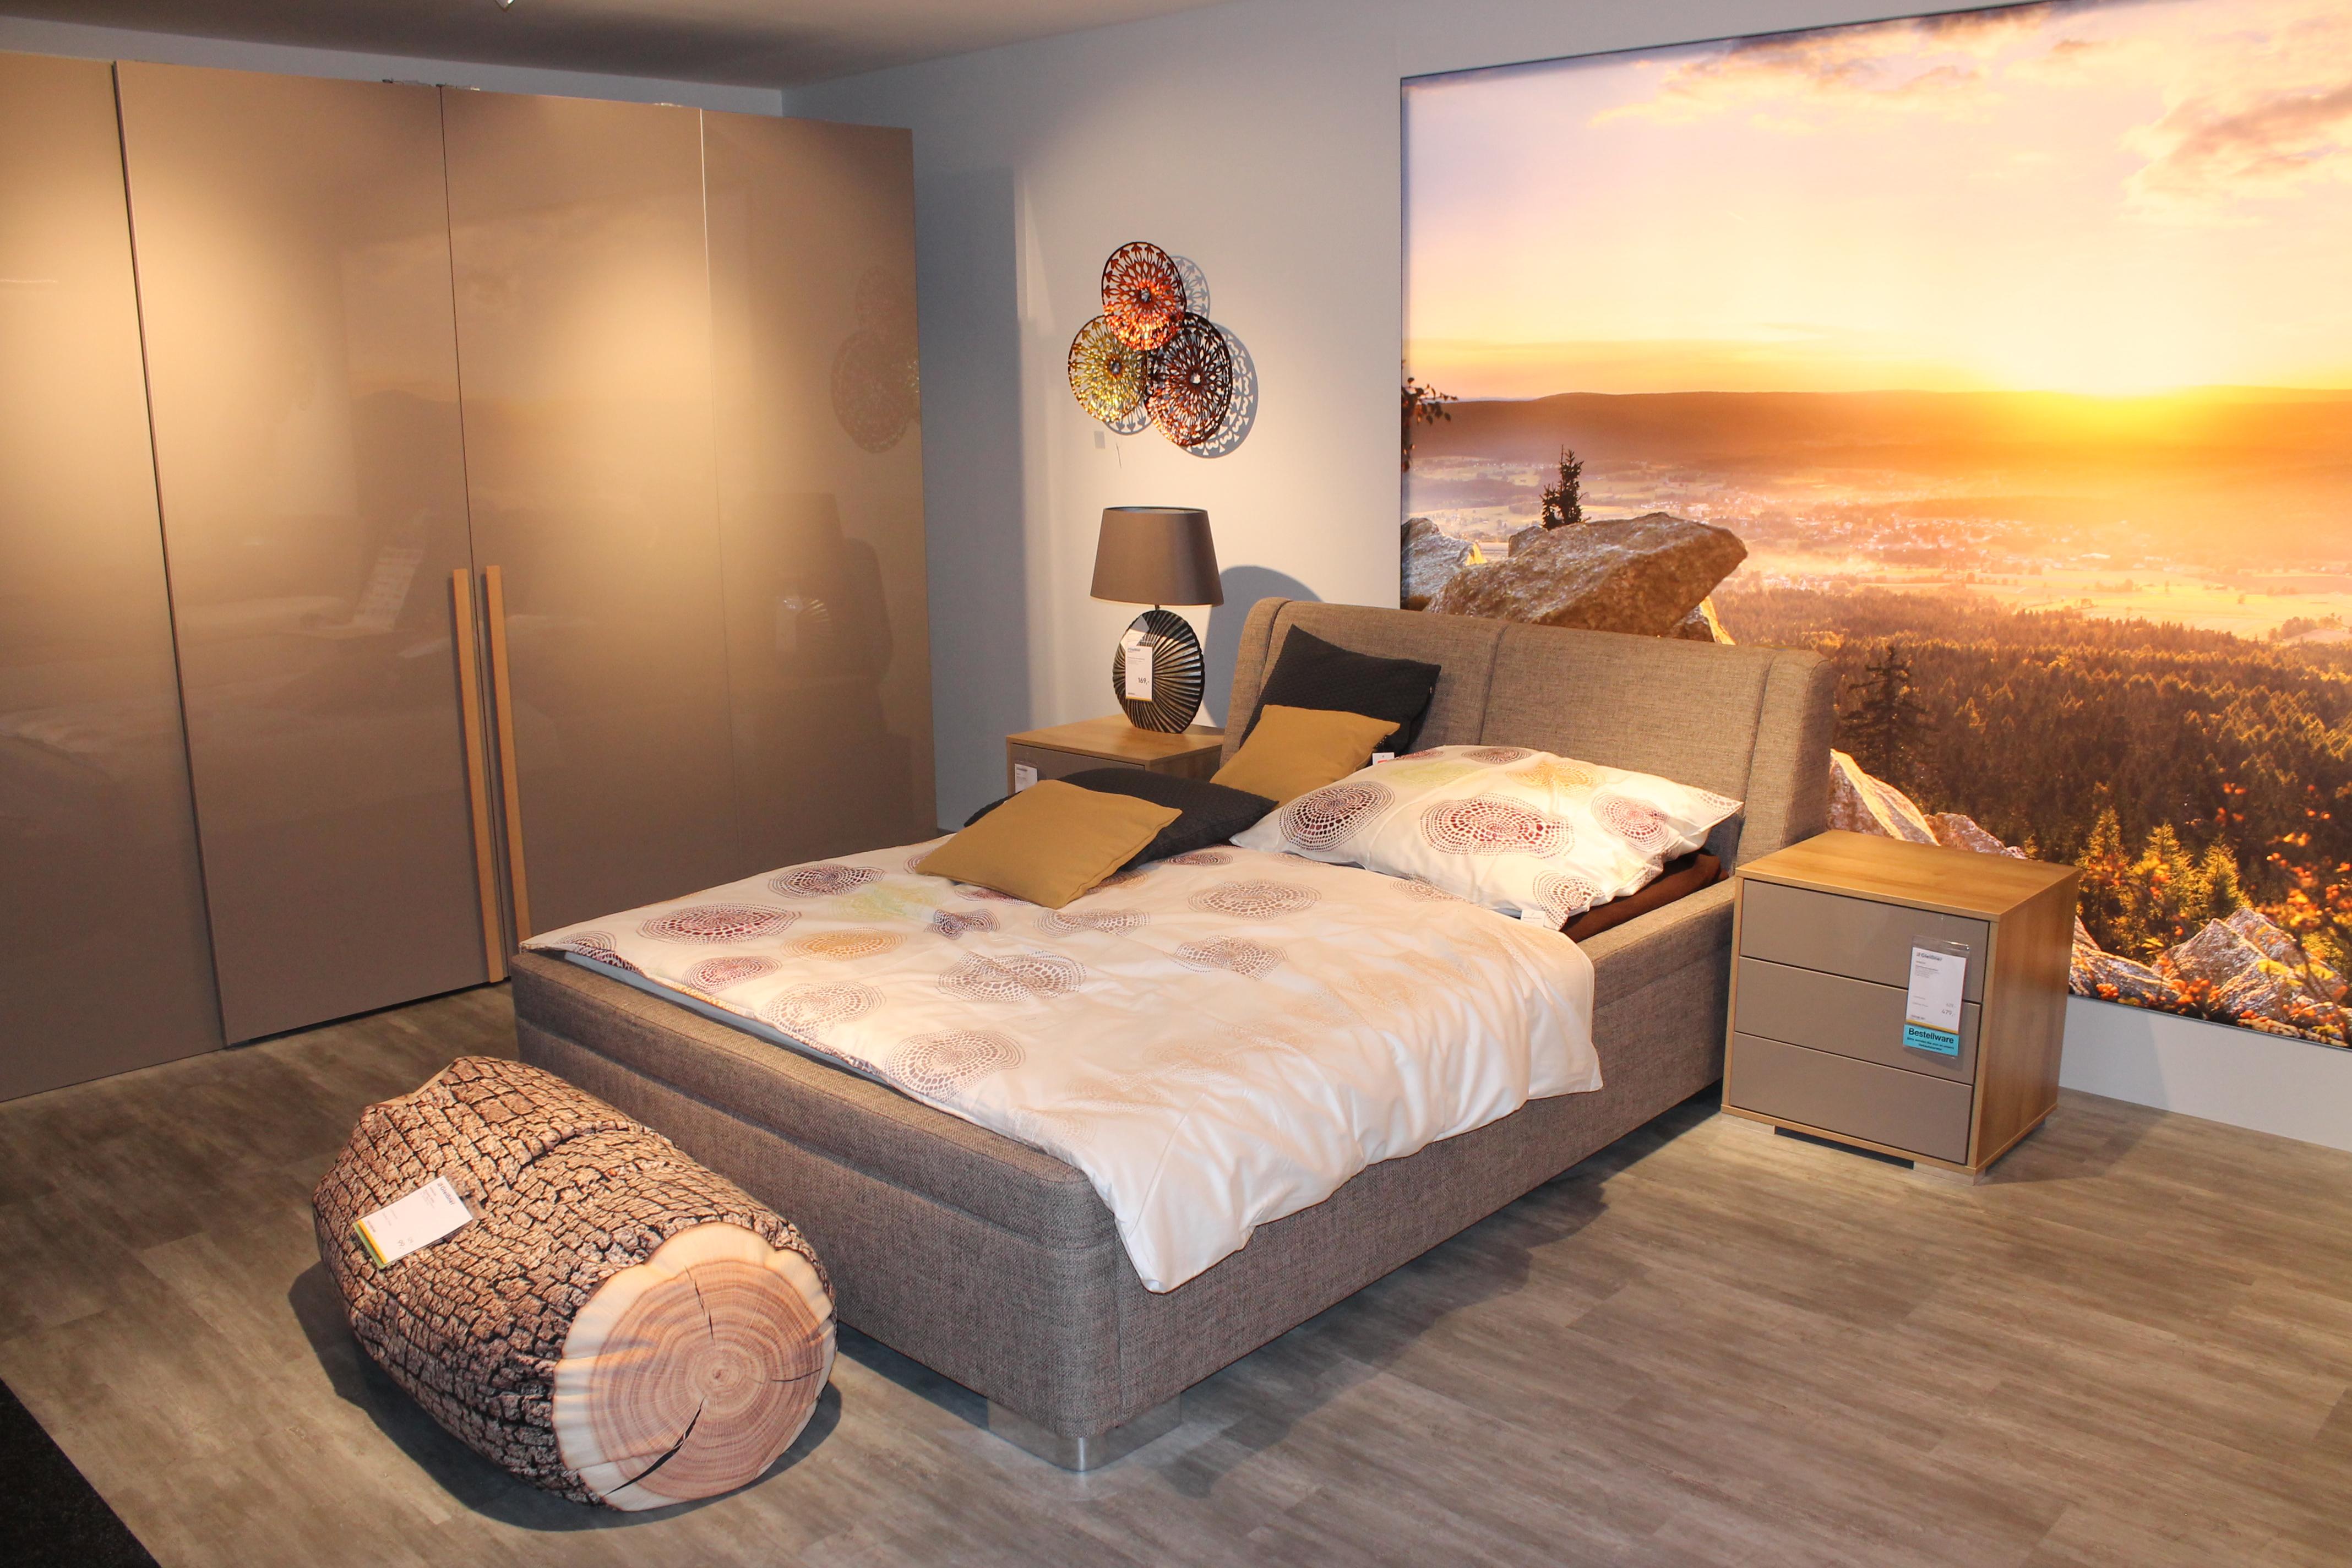 polsterbett mood ausstellungsst cke schlafzimmer m bel glei ner. Black Bedroom Furniture Sets. Home Design Ideas